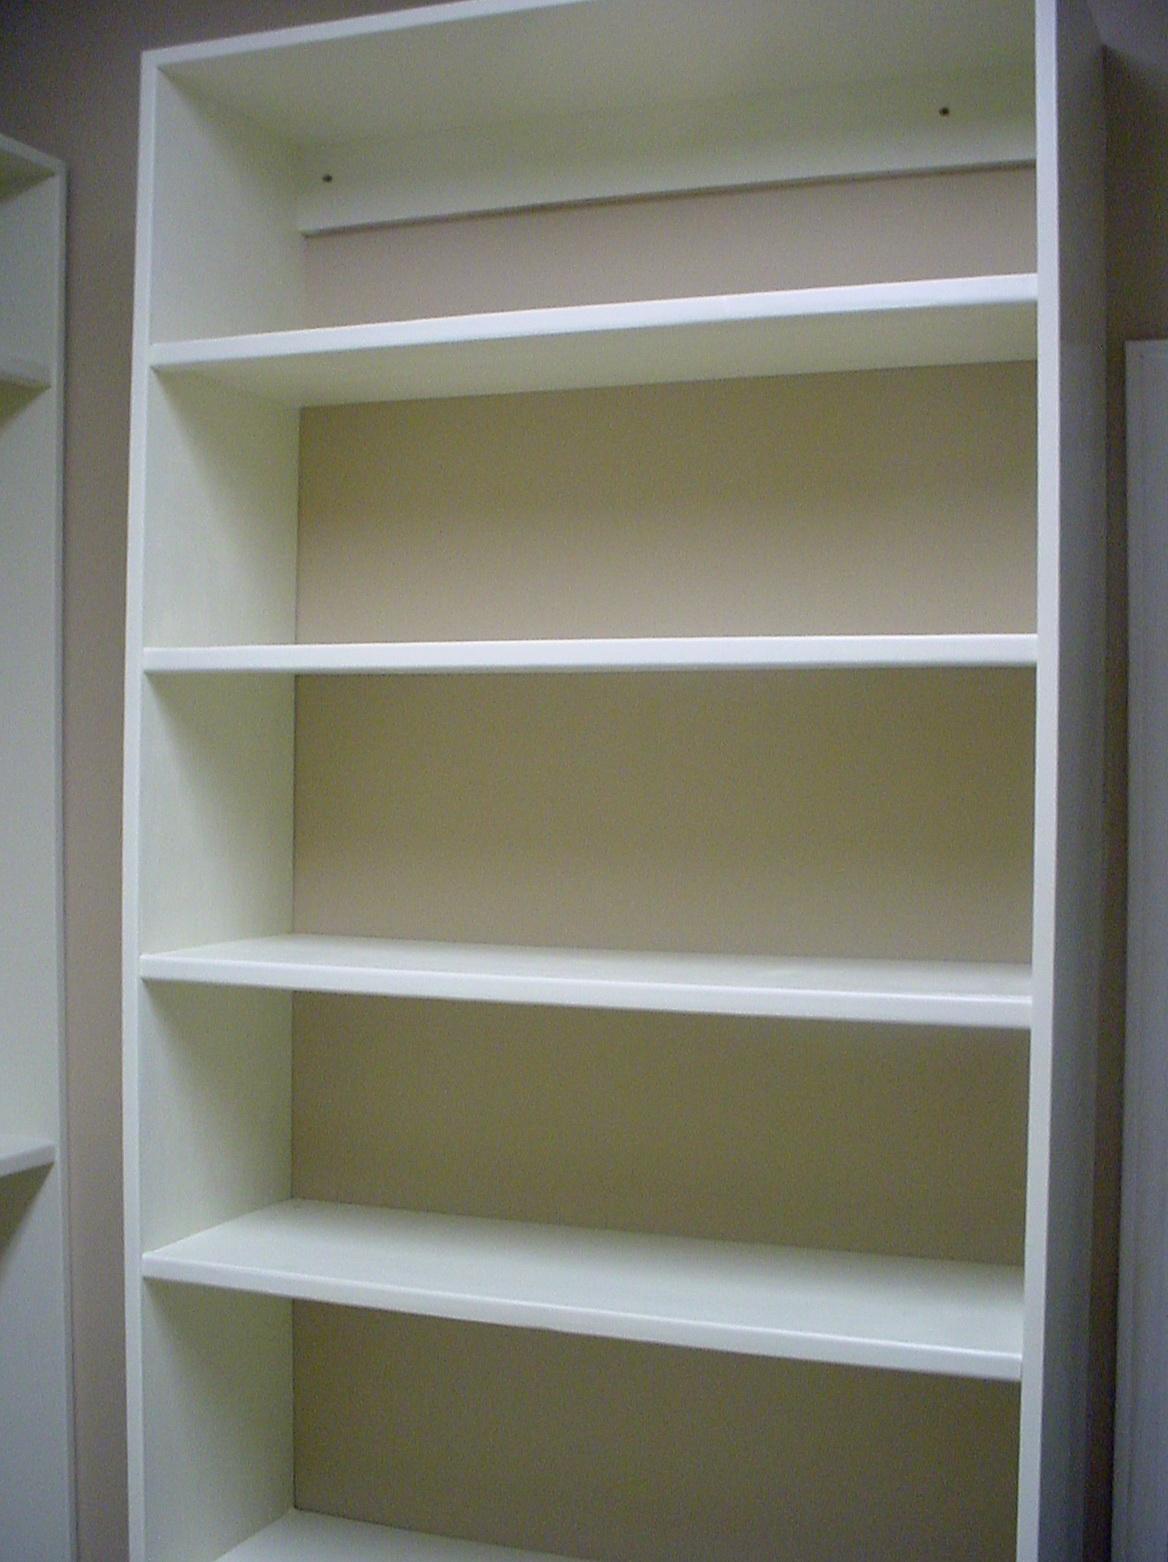 Shelving Units For Closets Home Design Ideas